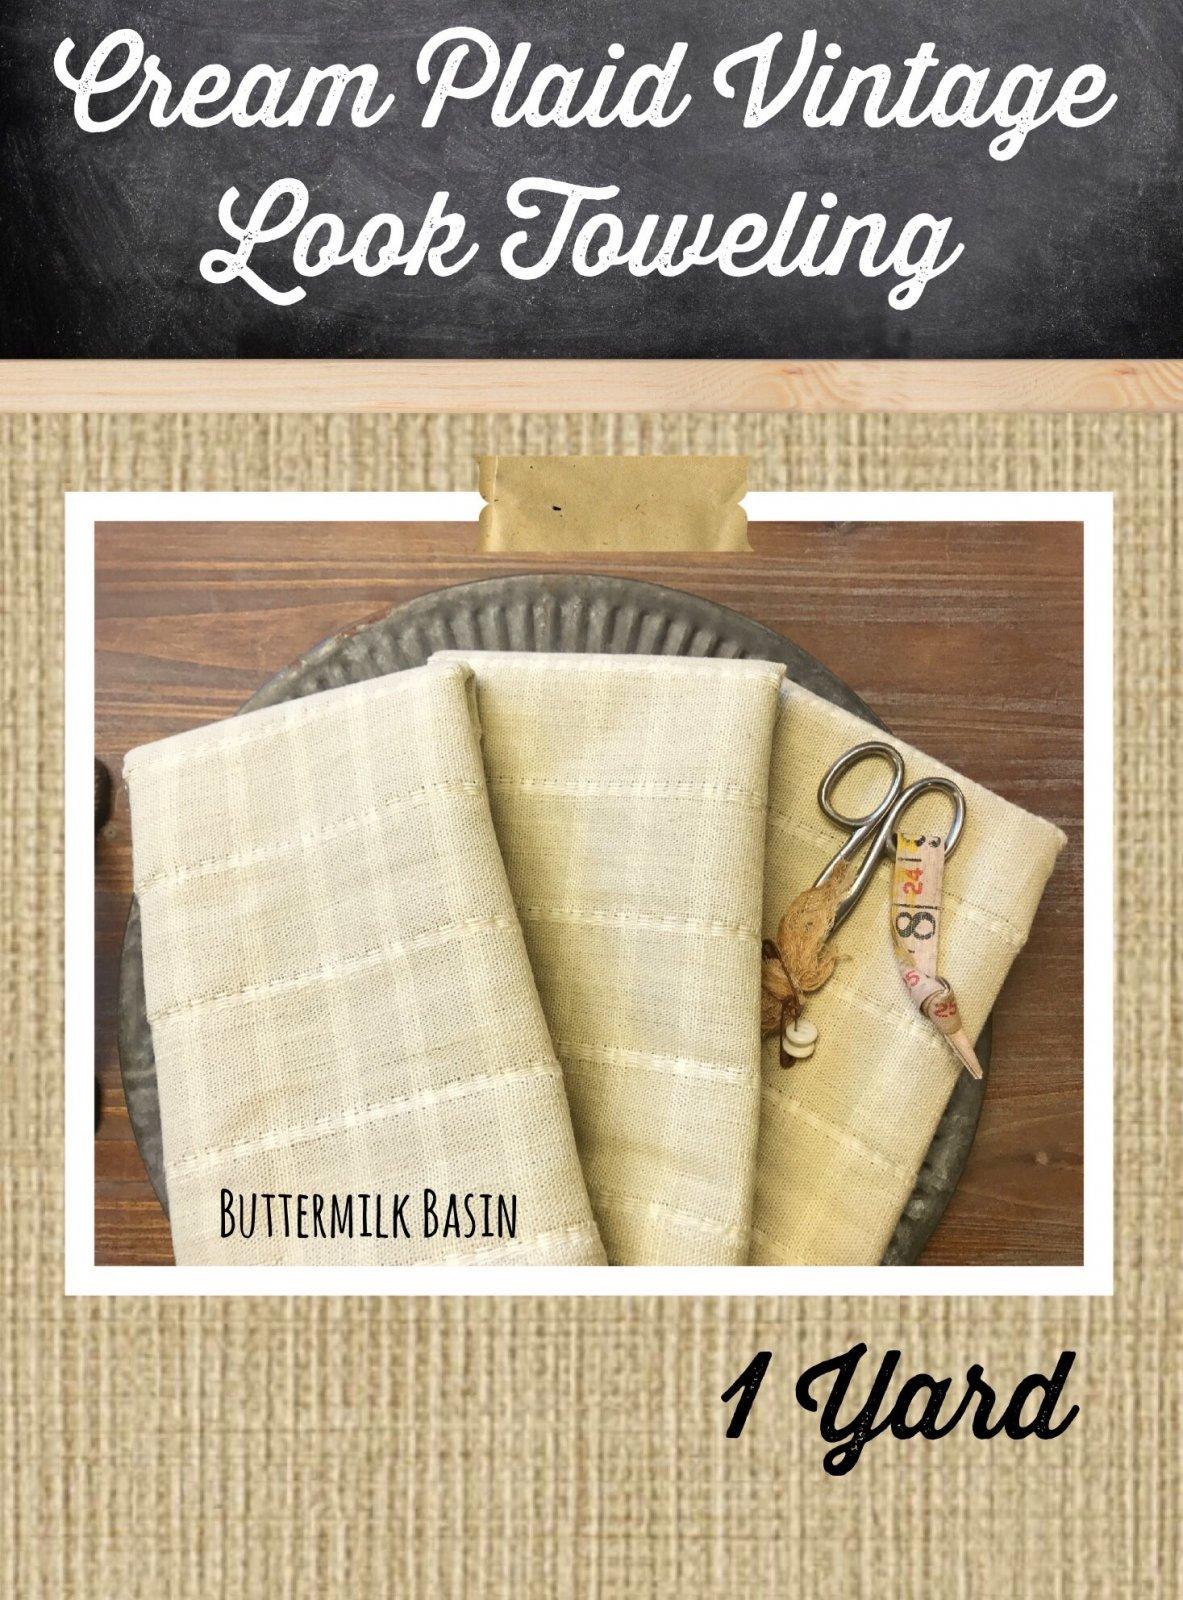 Cream Plaid Toweling